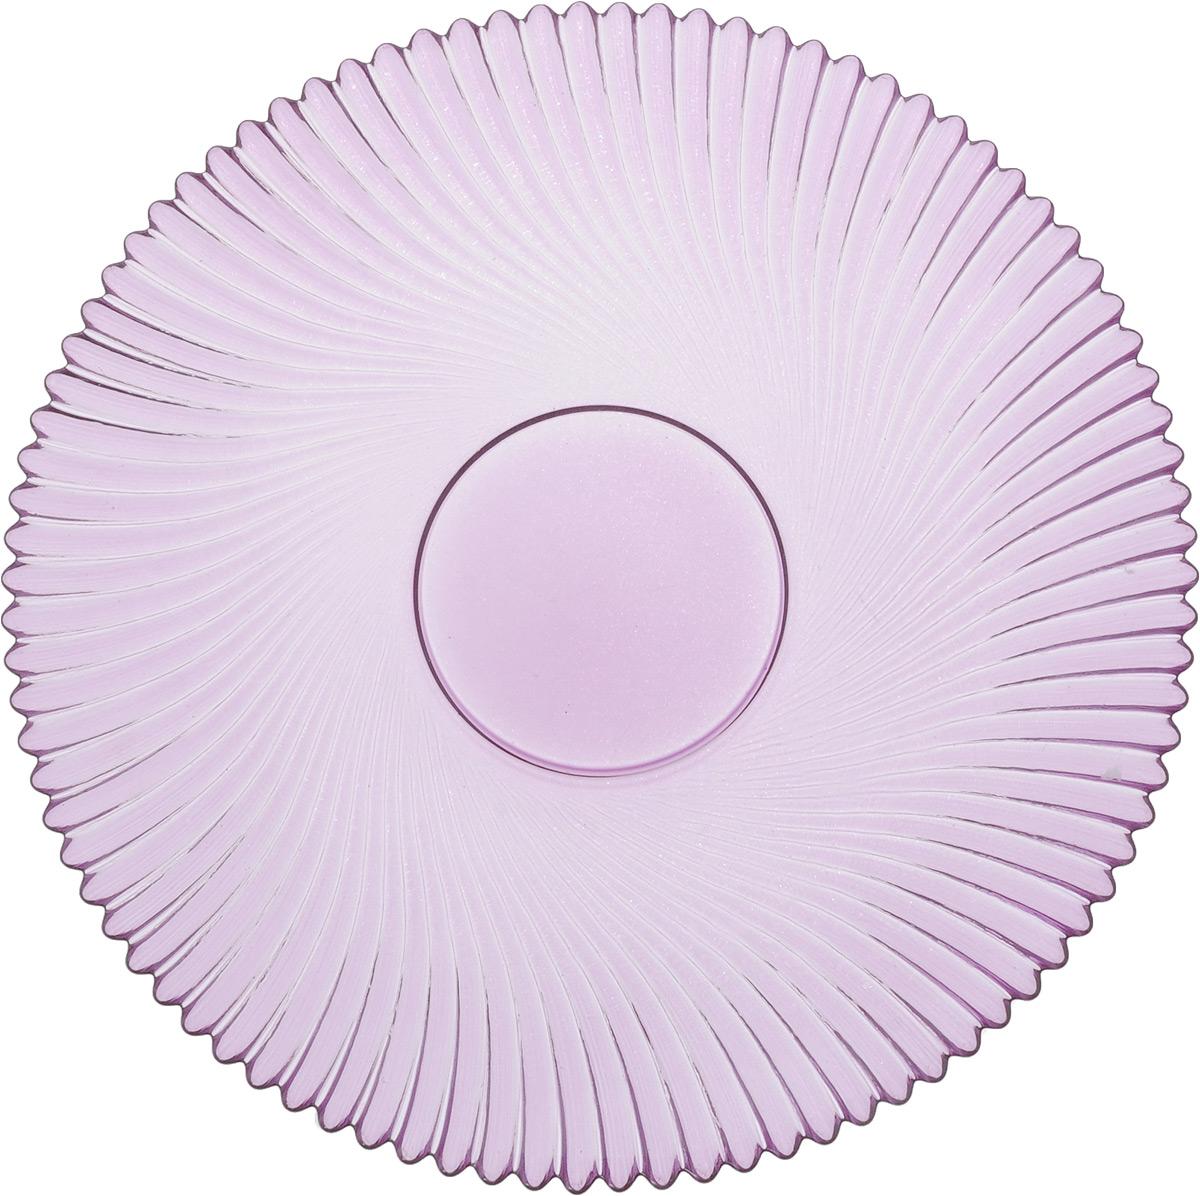 Тарелка NiNaGlass Альтера, цвет: сиреневый, диаметр 21 см54 009312Тарелка NiNaGlass Альтера выполнена из высококачественного стекла и оформлена красивым рельефным узором. Тарелка идеальна для подачи вторых блюд, а также сервировки закусок, нарезок, десертов и многого другого. Она отлично подойдет как для повседневных, так и для торжественных случаев.Такая тарелка прекрасно впишется в интерьер вашей кухни и станет достойным дополнением к кухонному инвентарю.